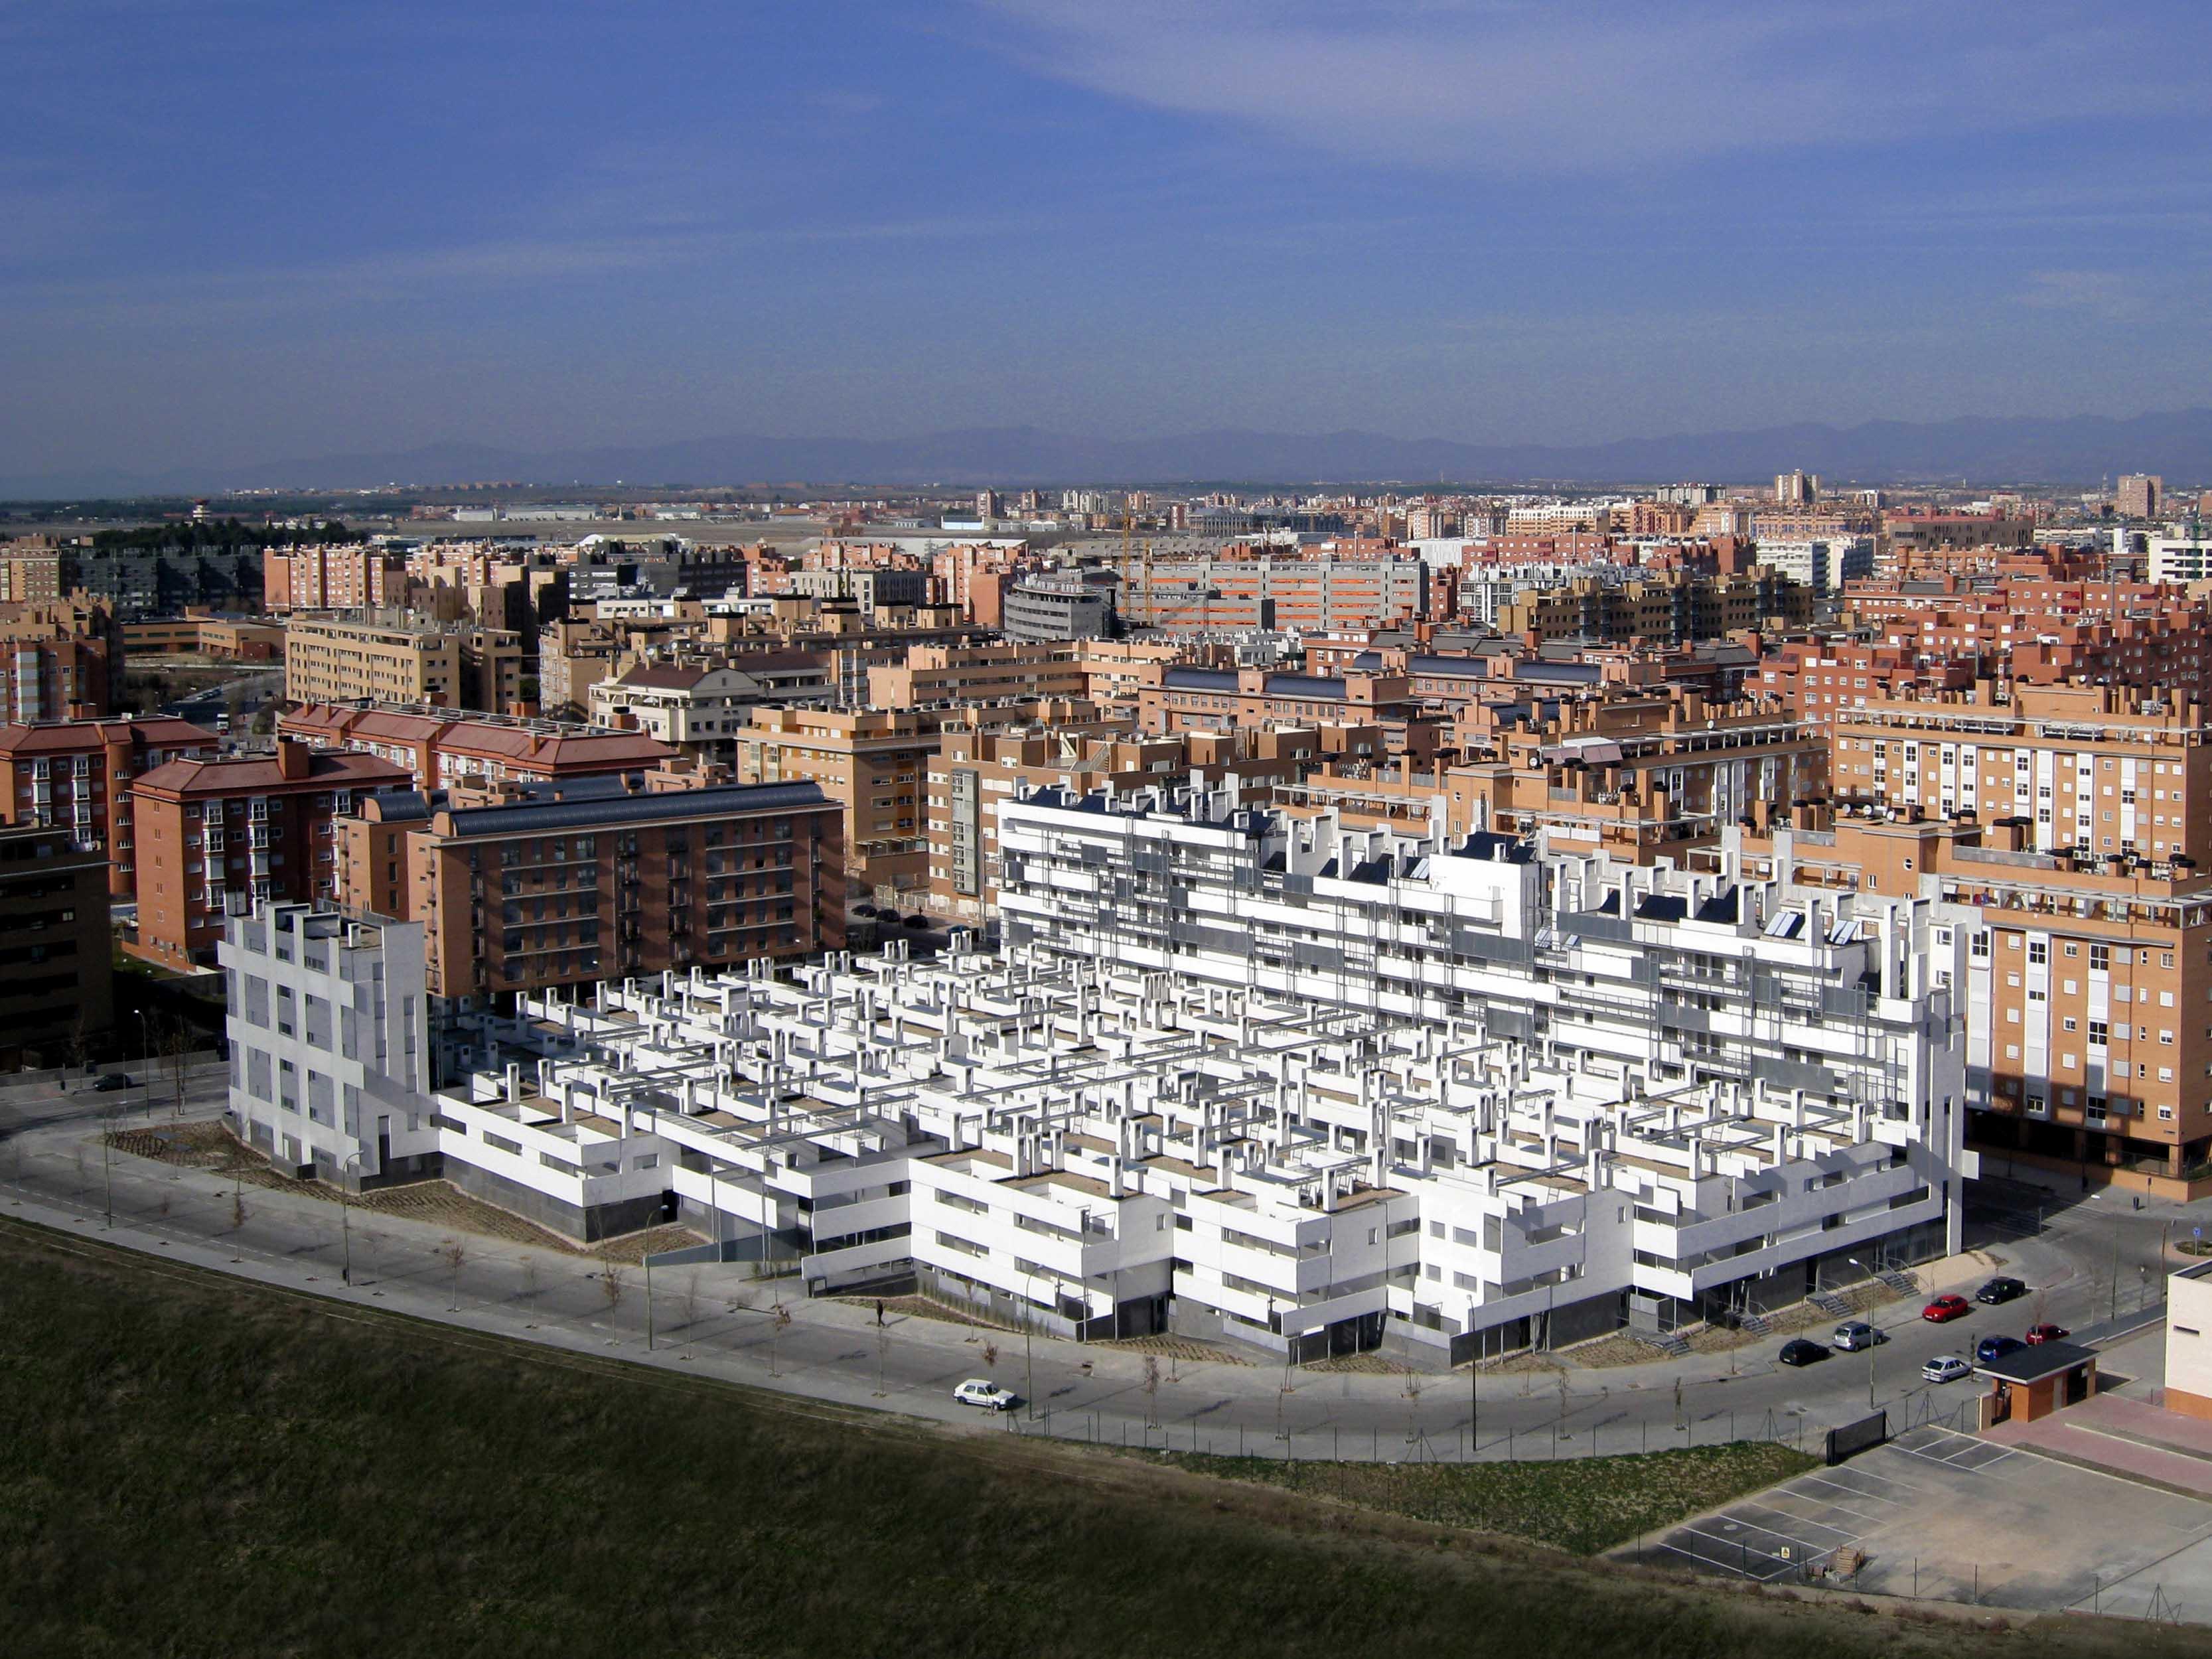 vista aérea de la promoción 'carabanchel 11'. foto: ayuntamiento de madrid